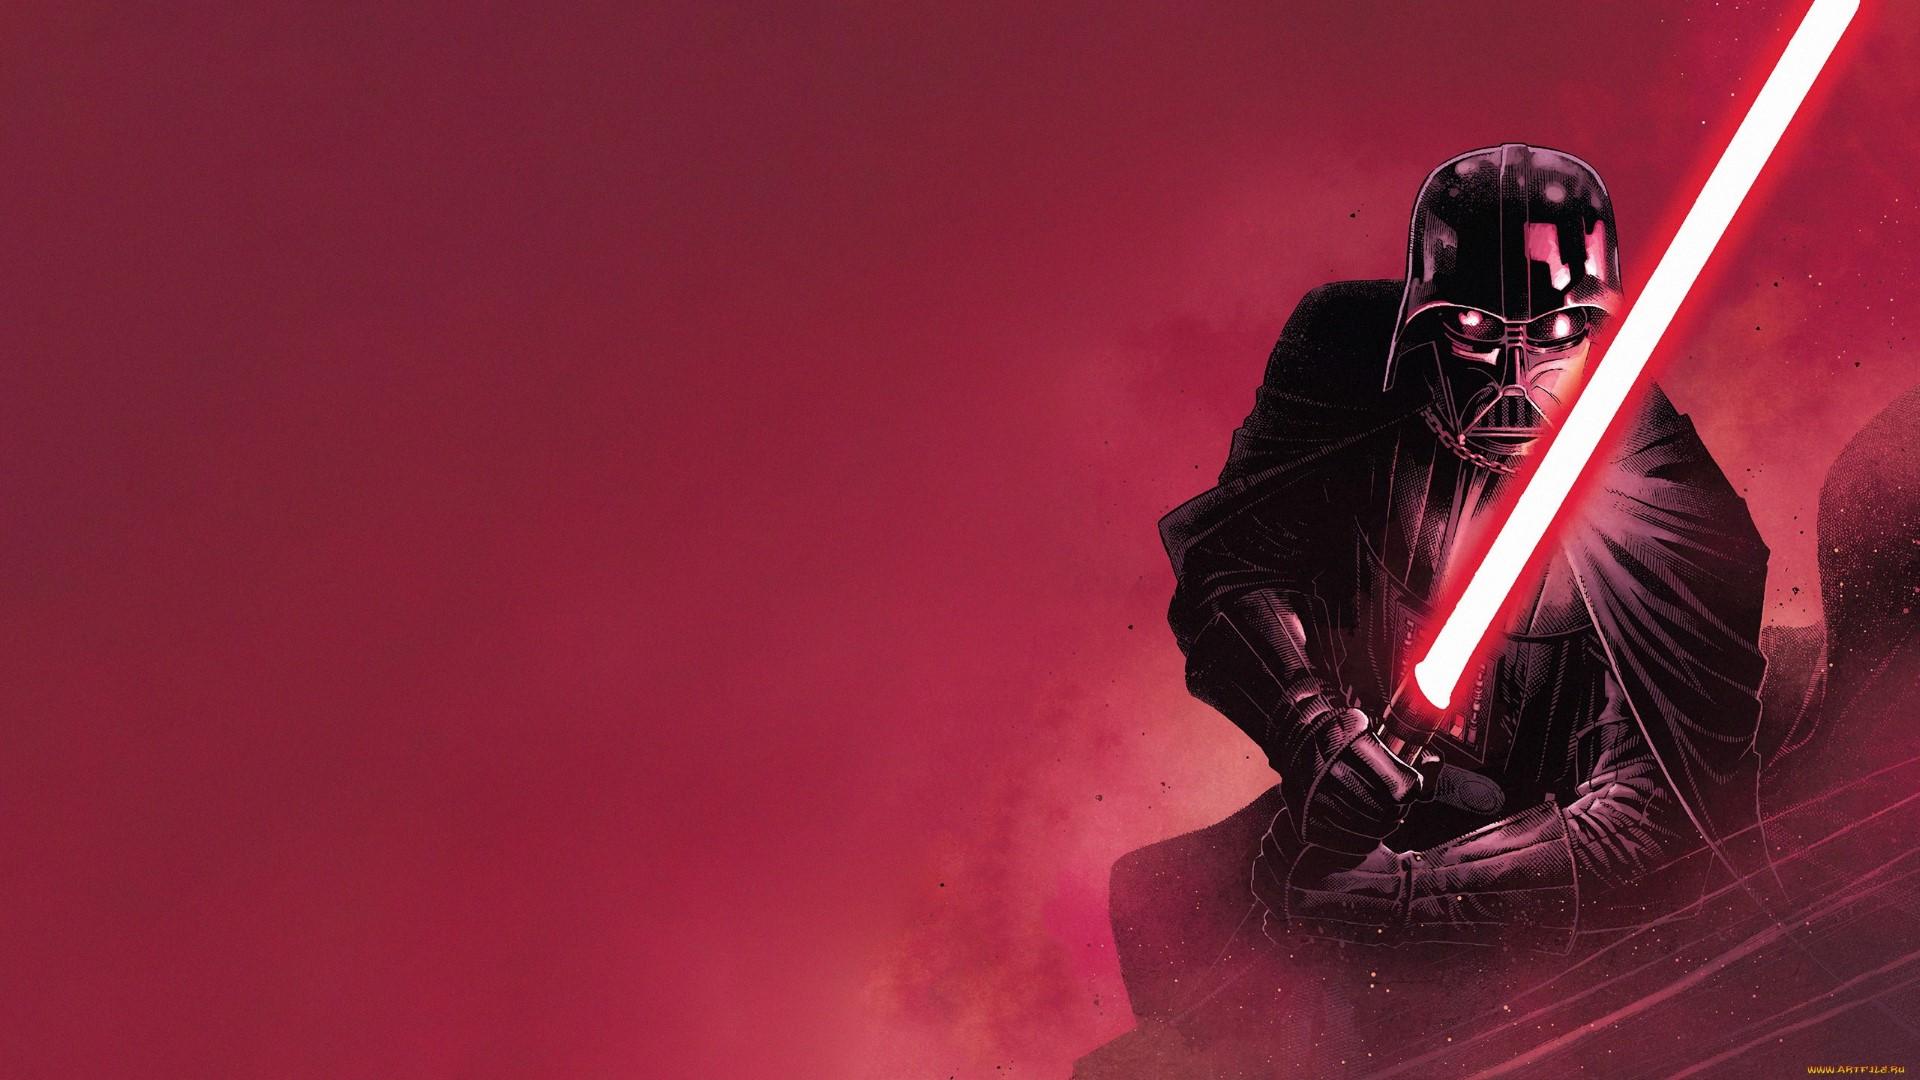 Star Wars Villains Darth Vader Sith Lightsaber Science Fiction Wallpaper Resolution 1920x1080 Id 269195 Wallha Com